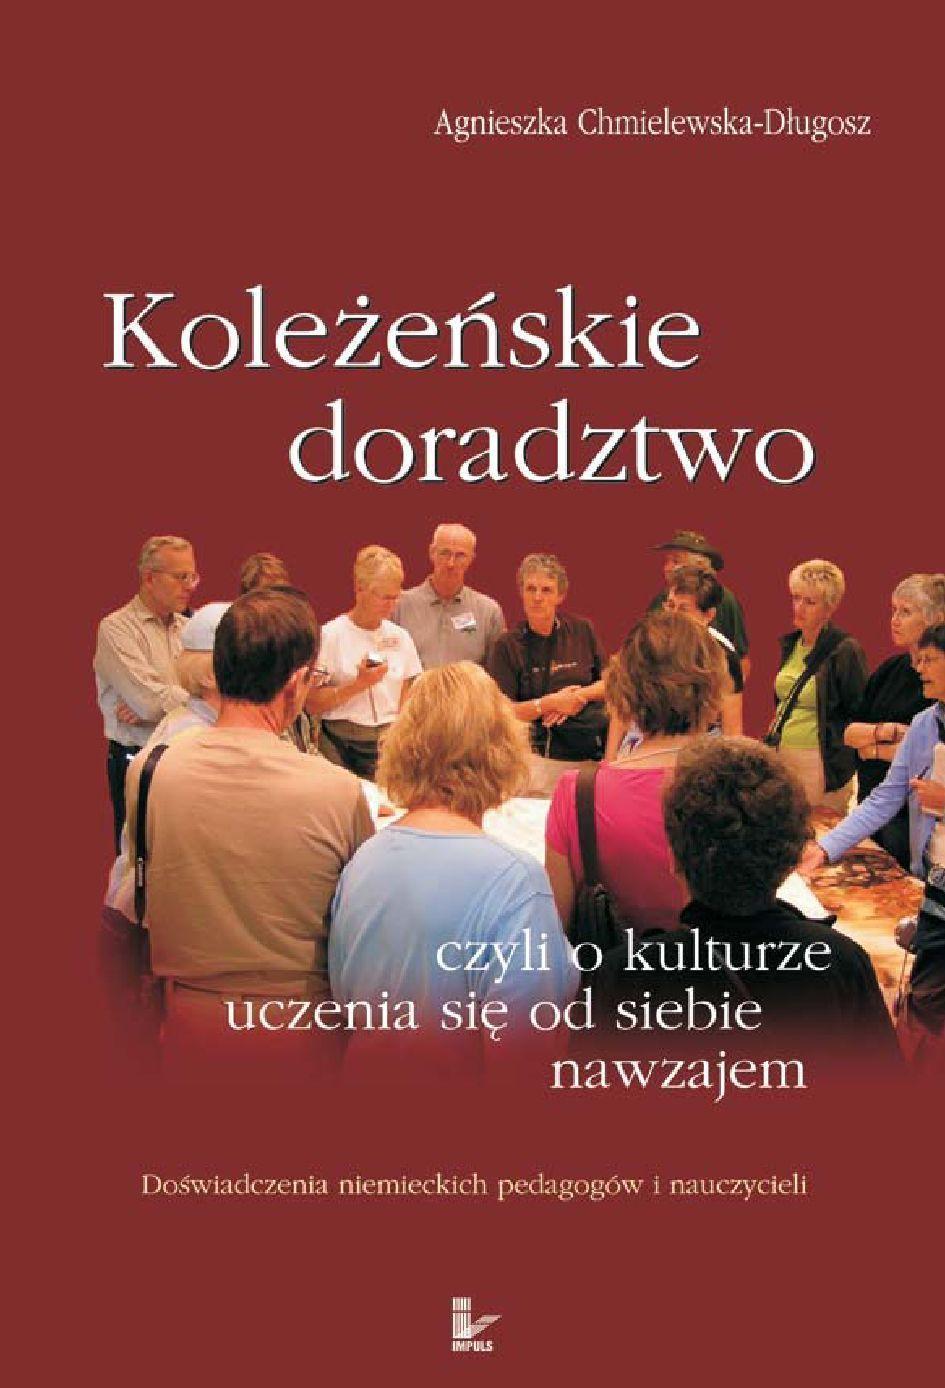 Koleżeńskie doradztwo, czyli o kulturze uczenia się od siebie nawzajem - Ebook (Książka na Kindle) do pobrania w formacie MOBI